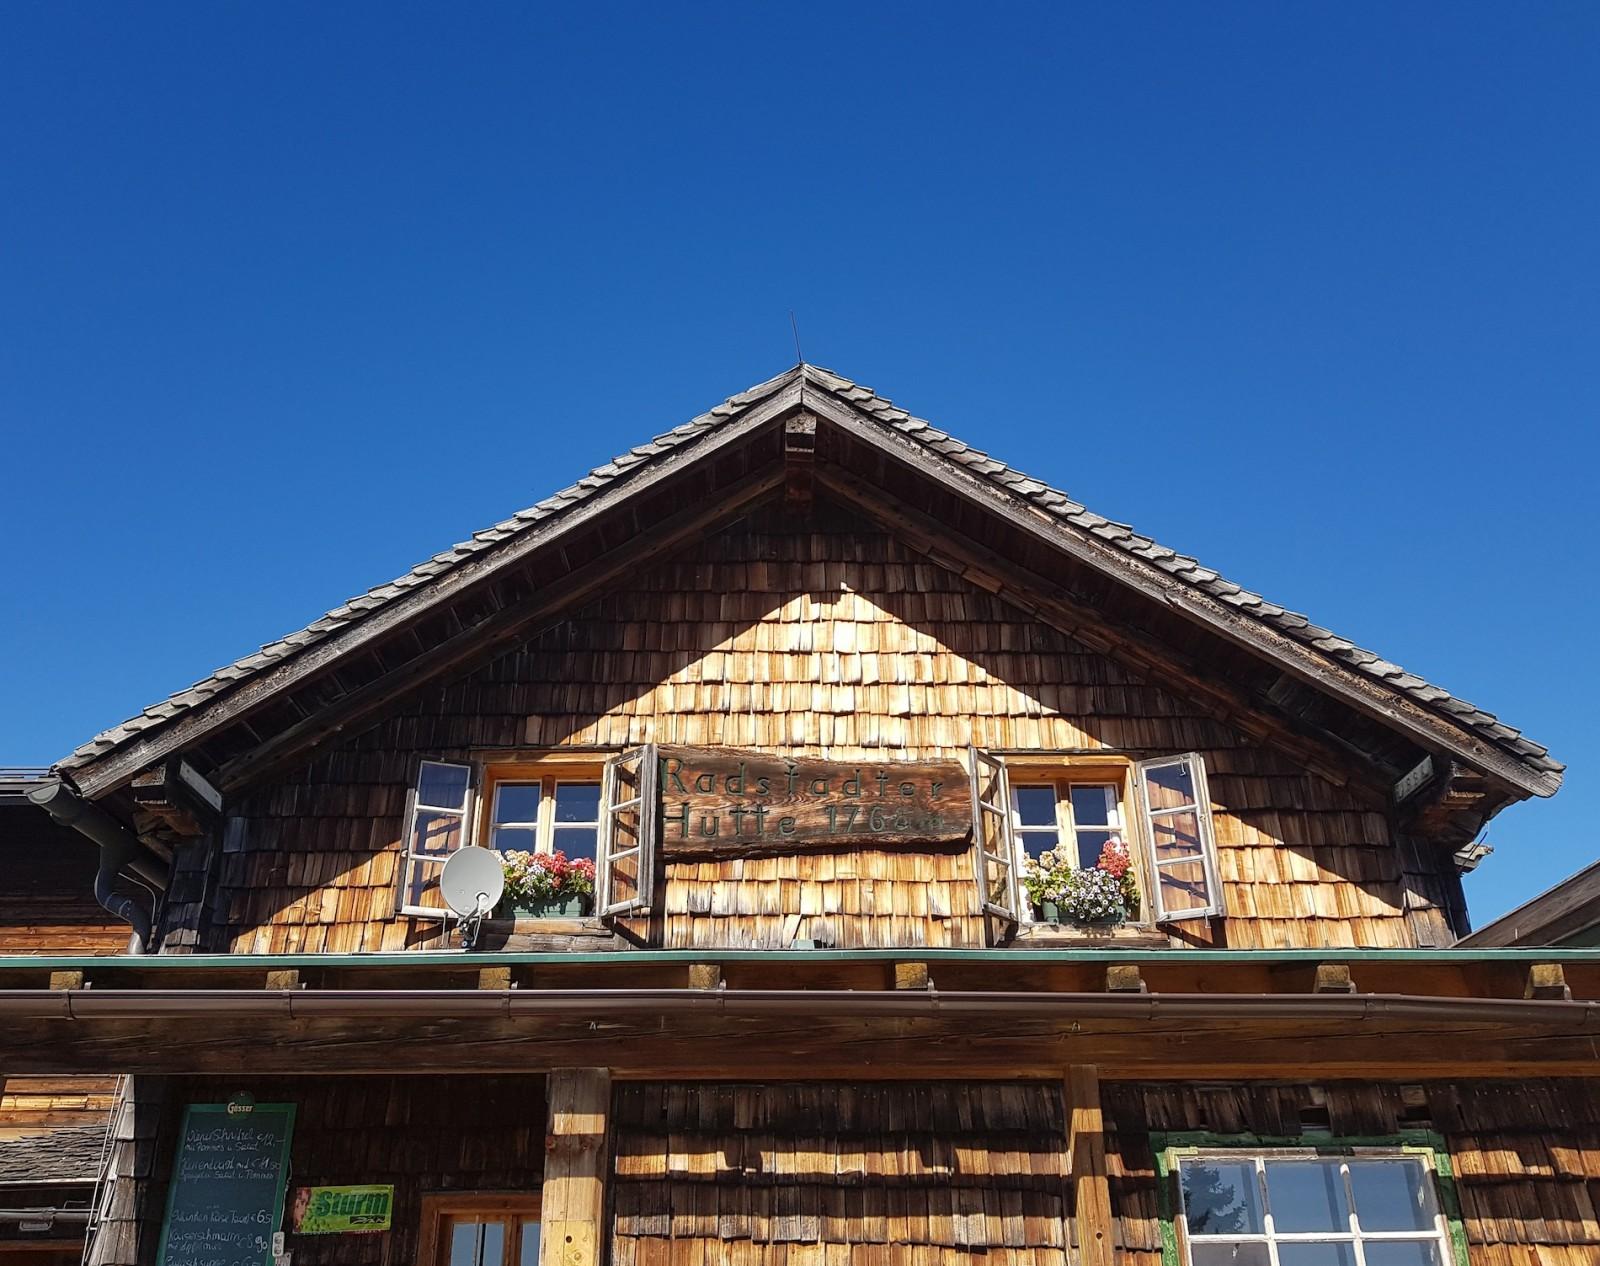 Herzlich Willkommen auf der urigen Radstädter Hütte!